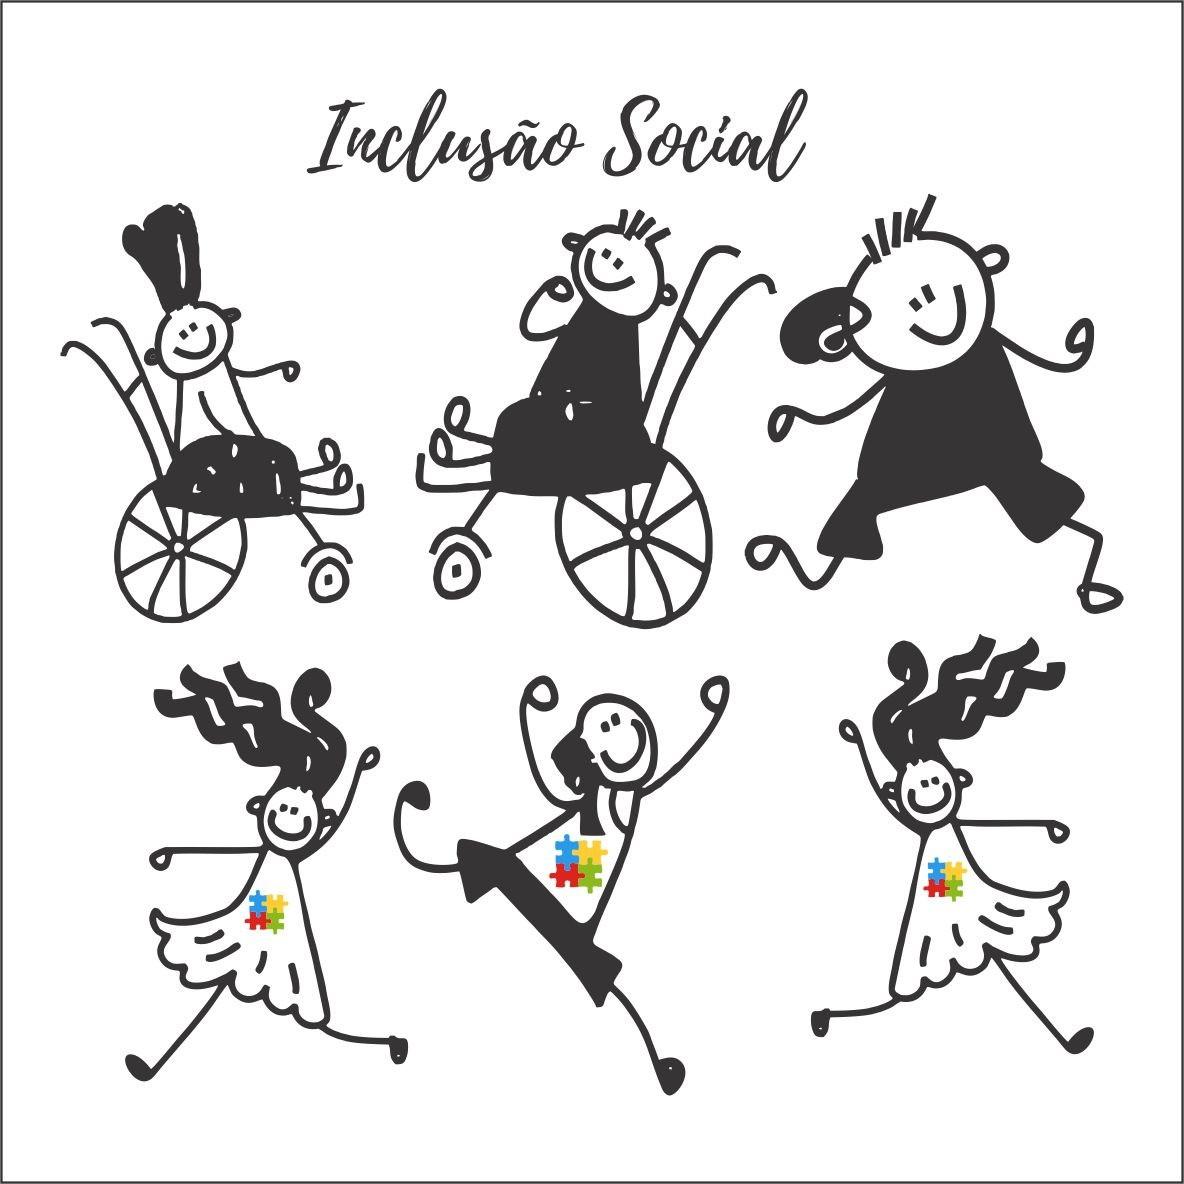 Adesivo Decorativo Criancas Especiais Inclusao Social No Elo7